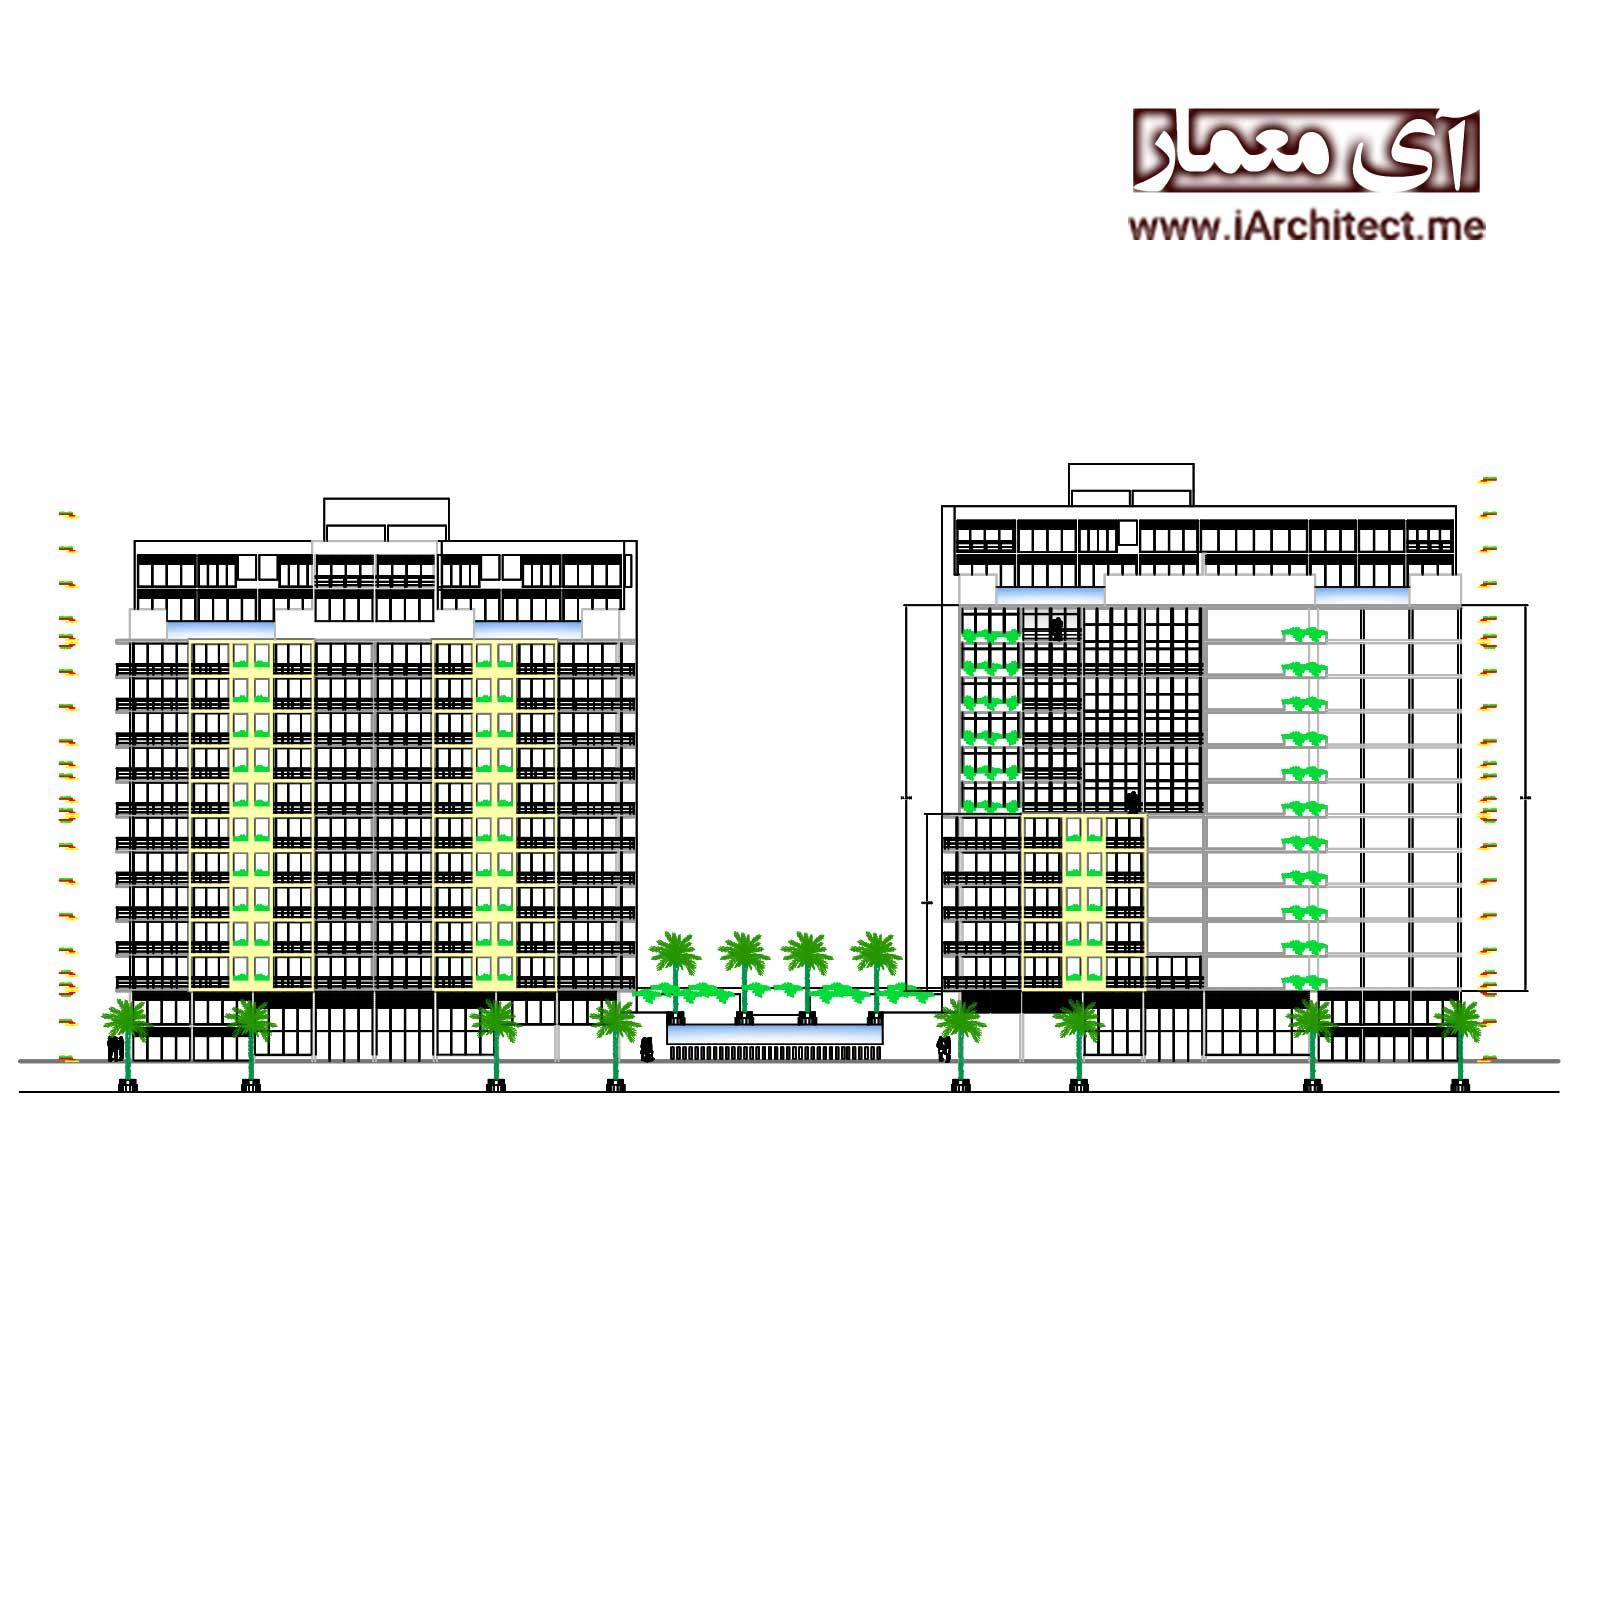 دانلود نقشه آپارتمان تجاری مسکونی